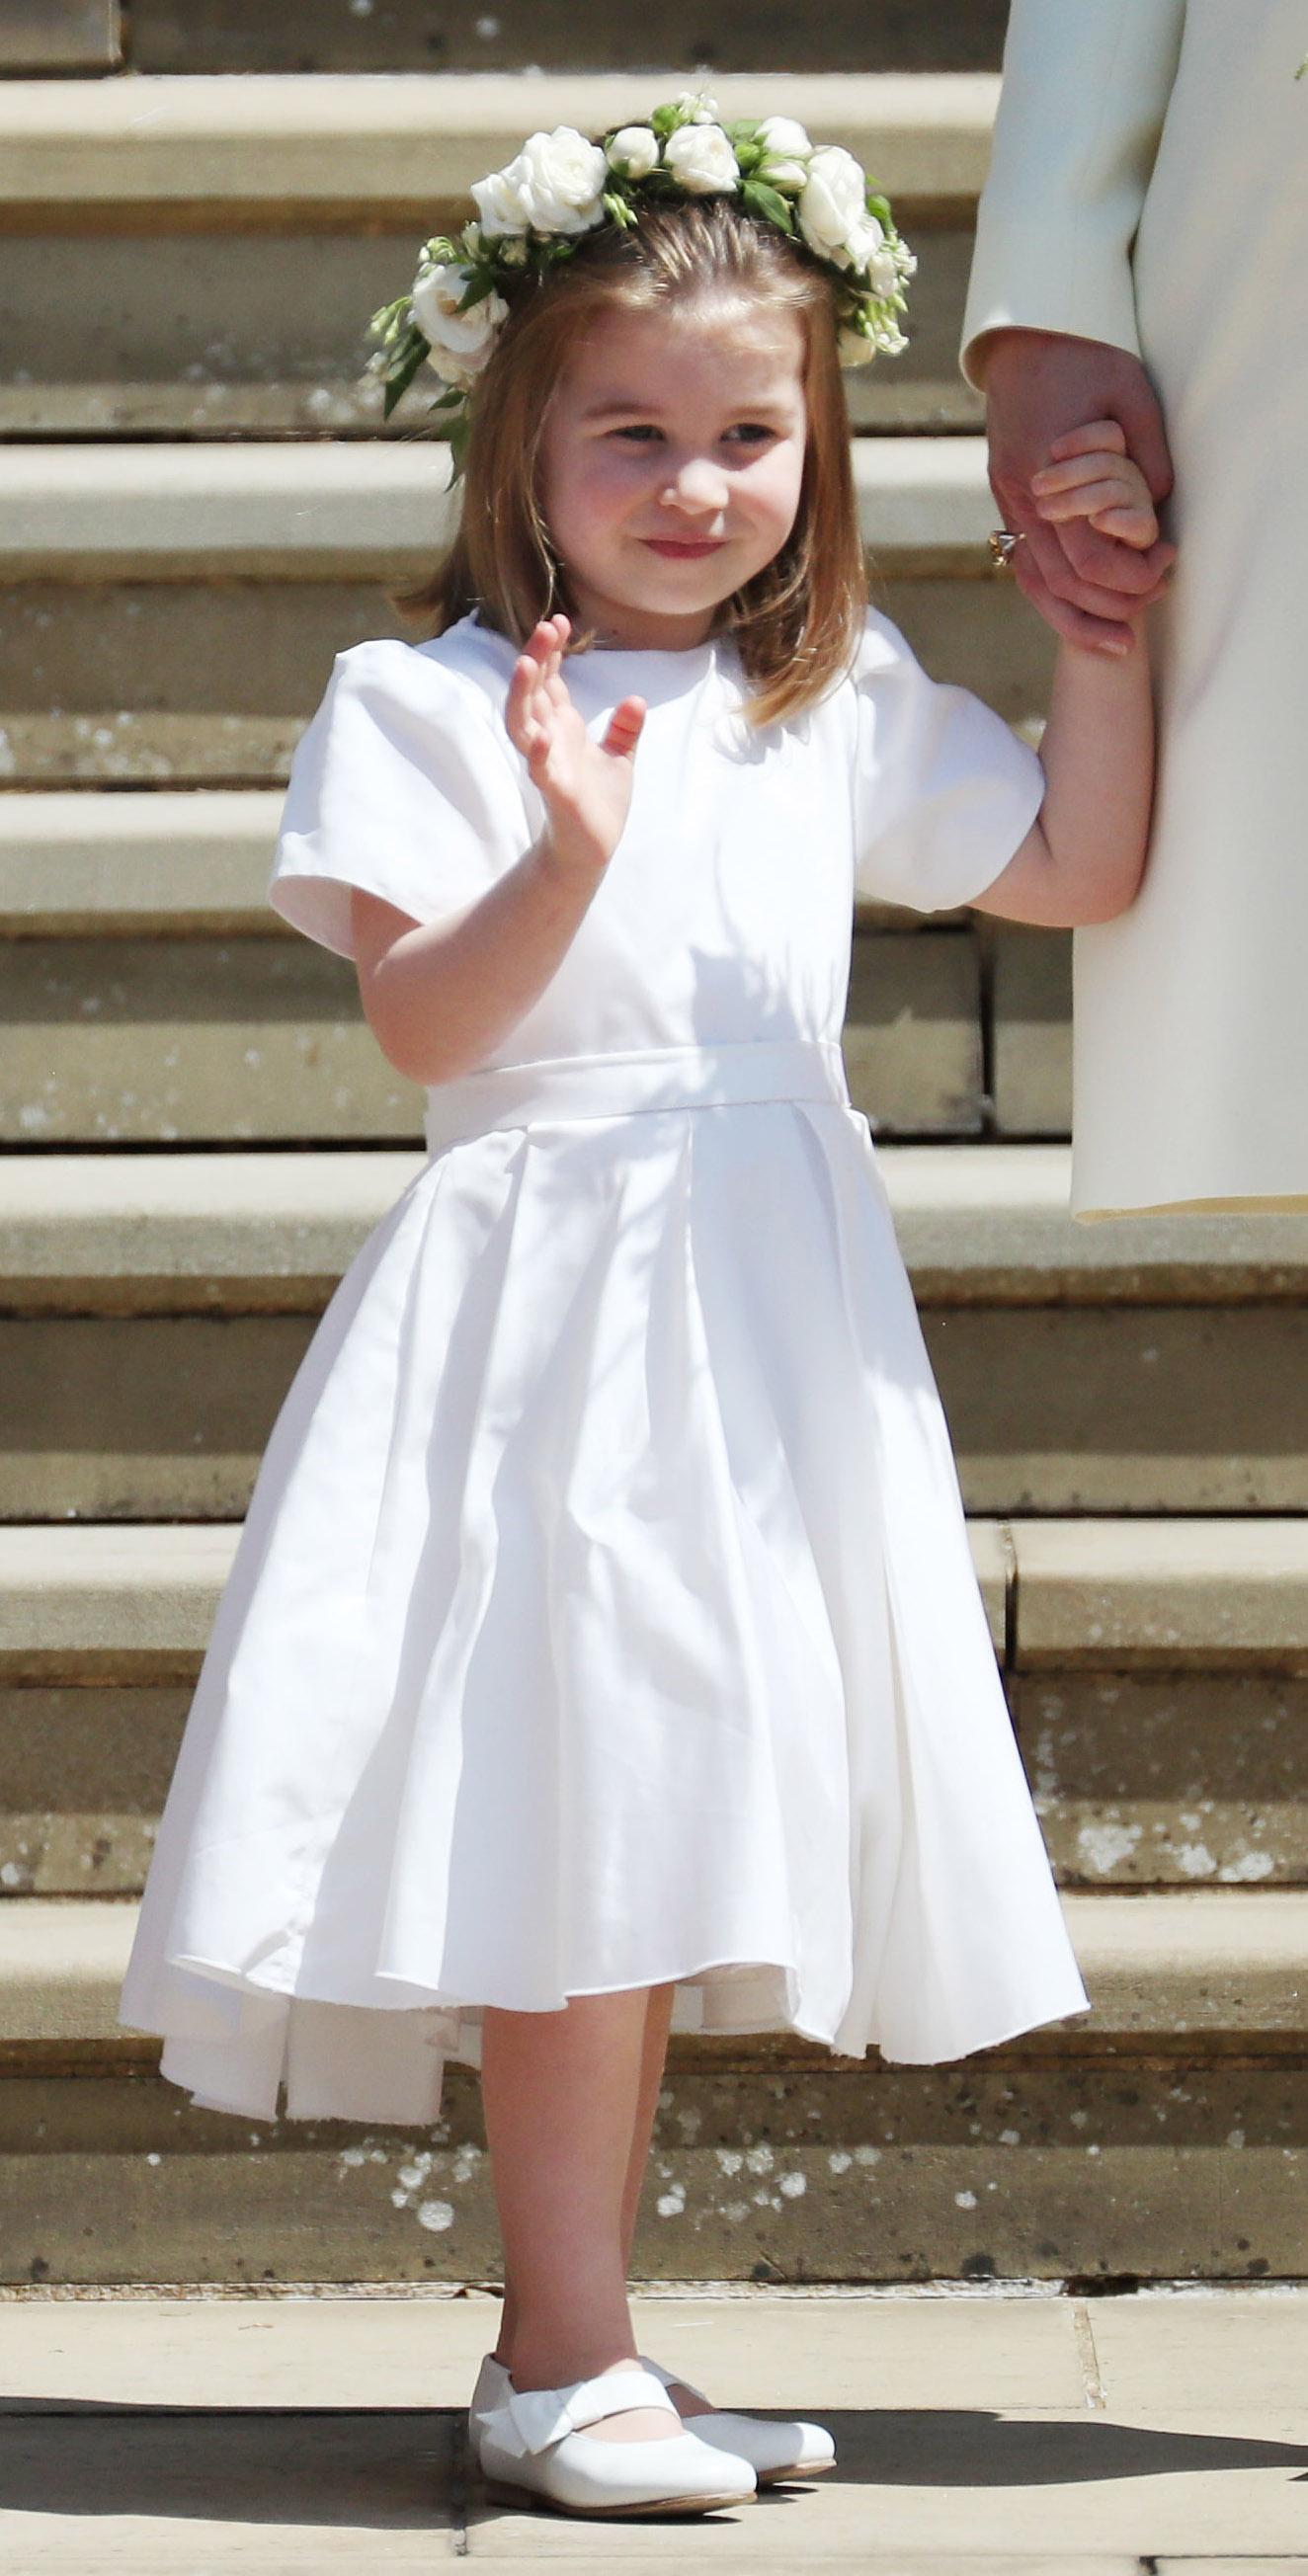 Prințesa Charlotte surprinsă într-o ipostază adorabilă la nunta regală